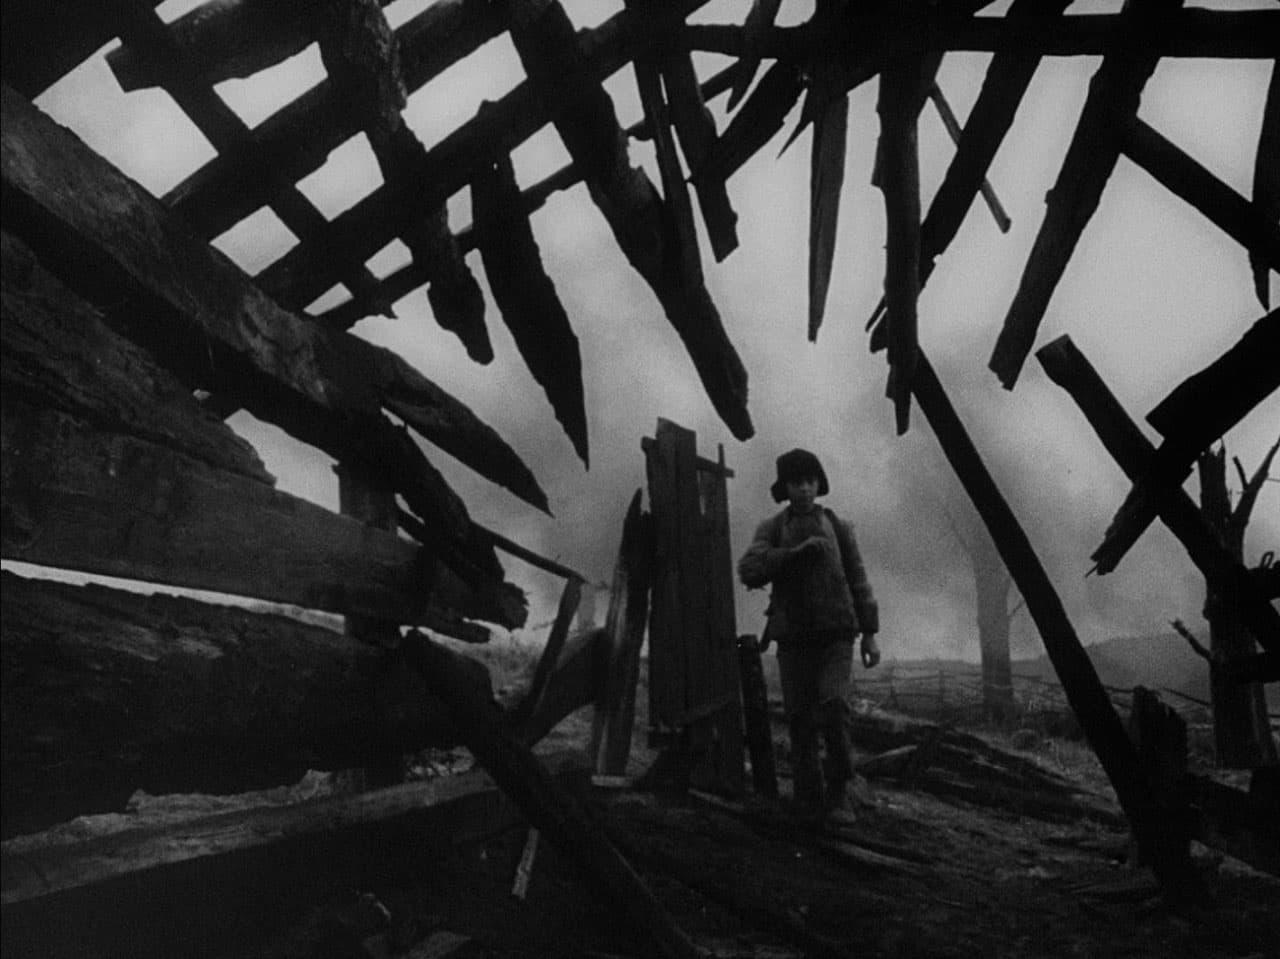 Still uit De jeugd van Ivan (1962)